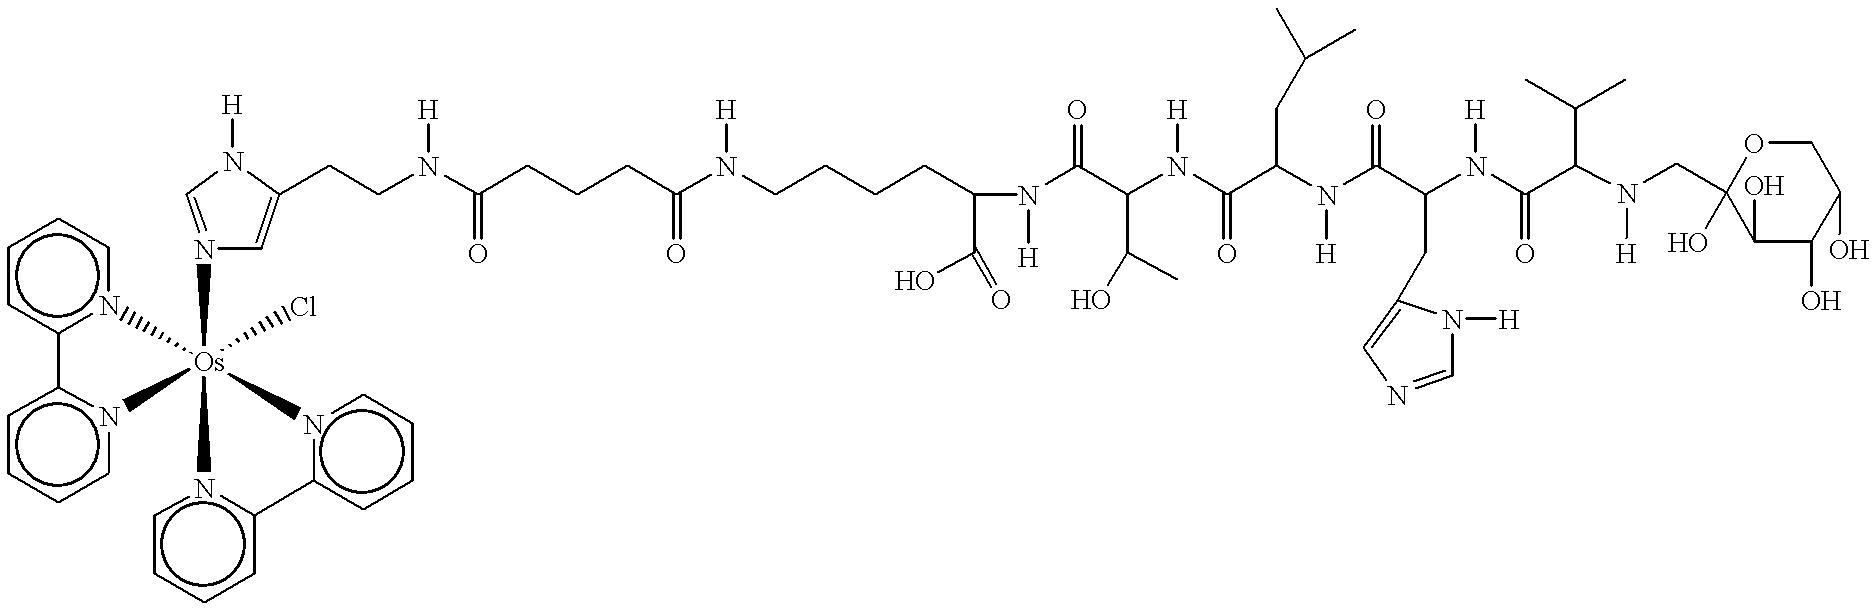 Figure US06262264-20010717-C00007